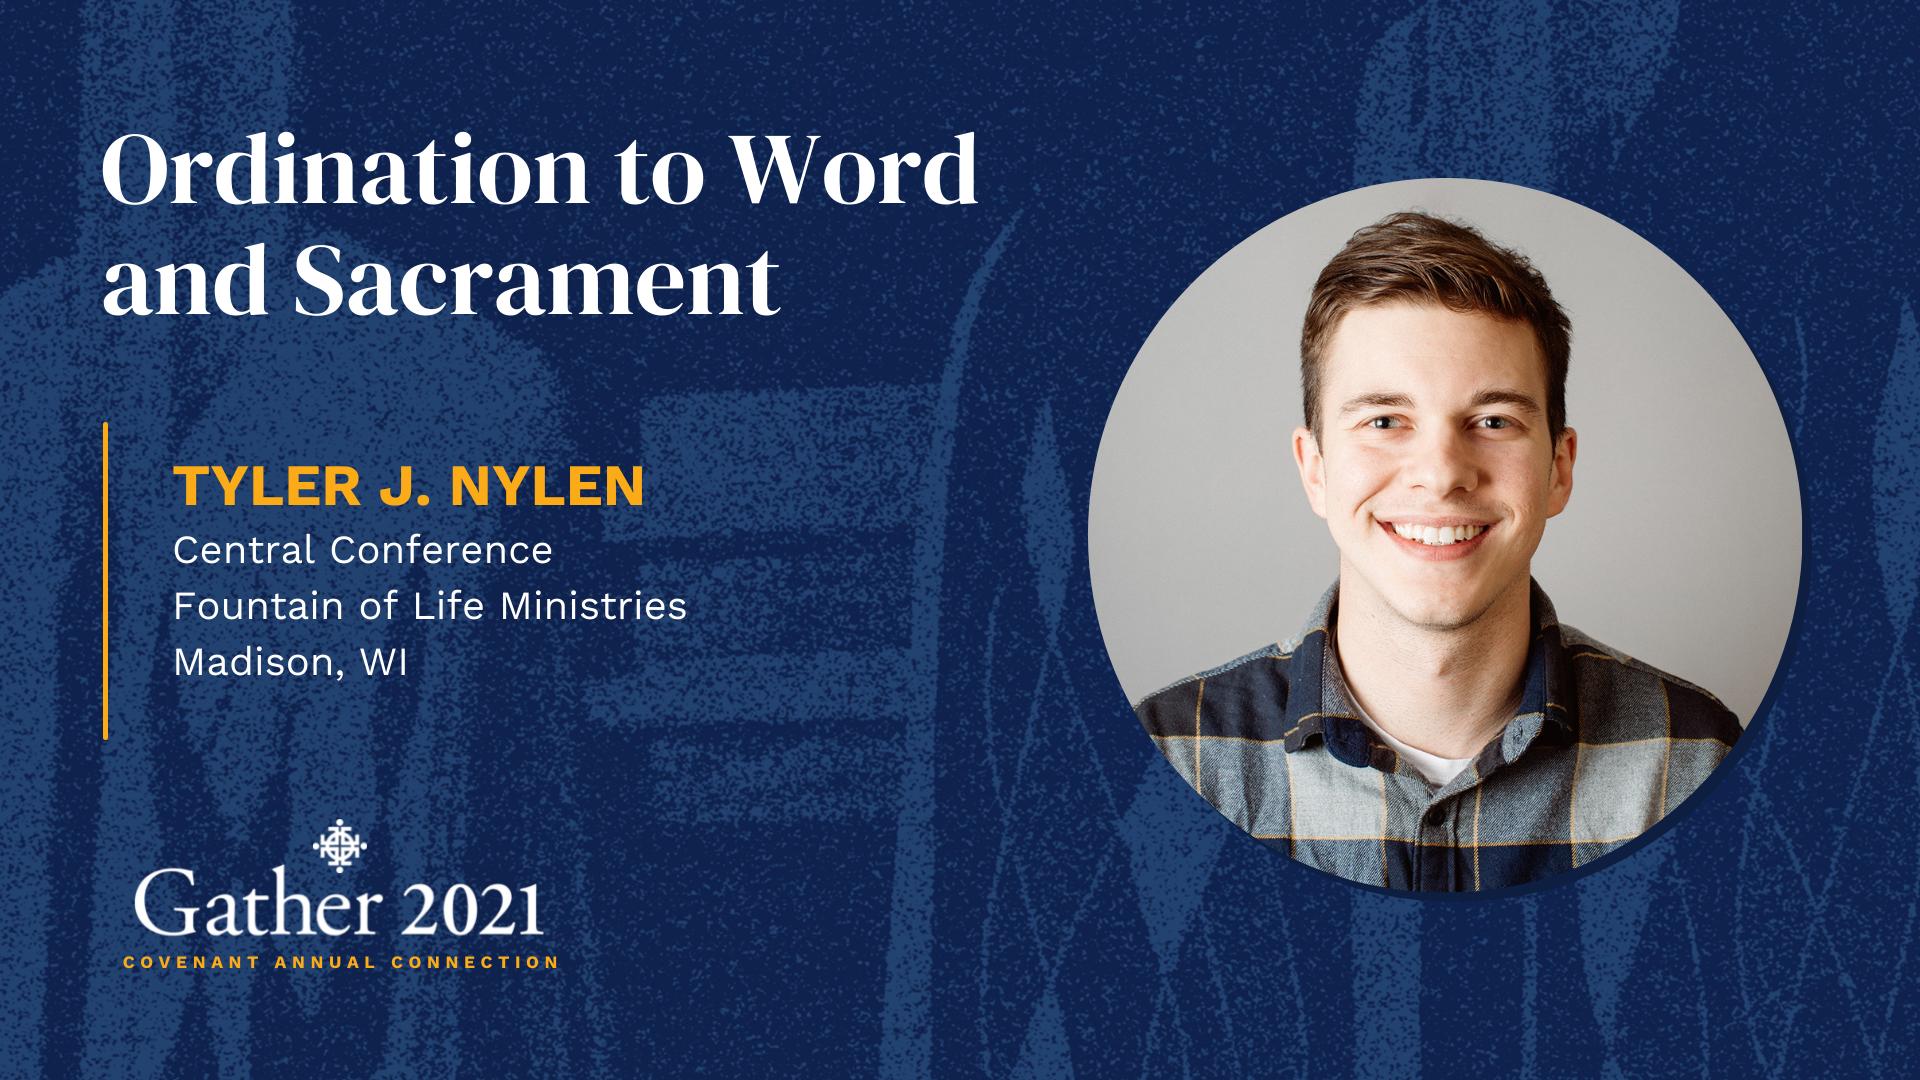 Tyler J. Nylen